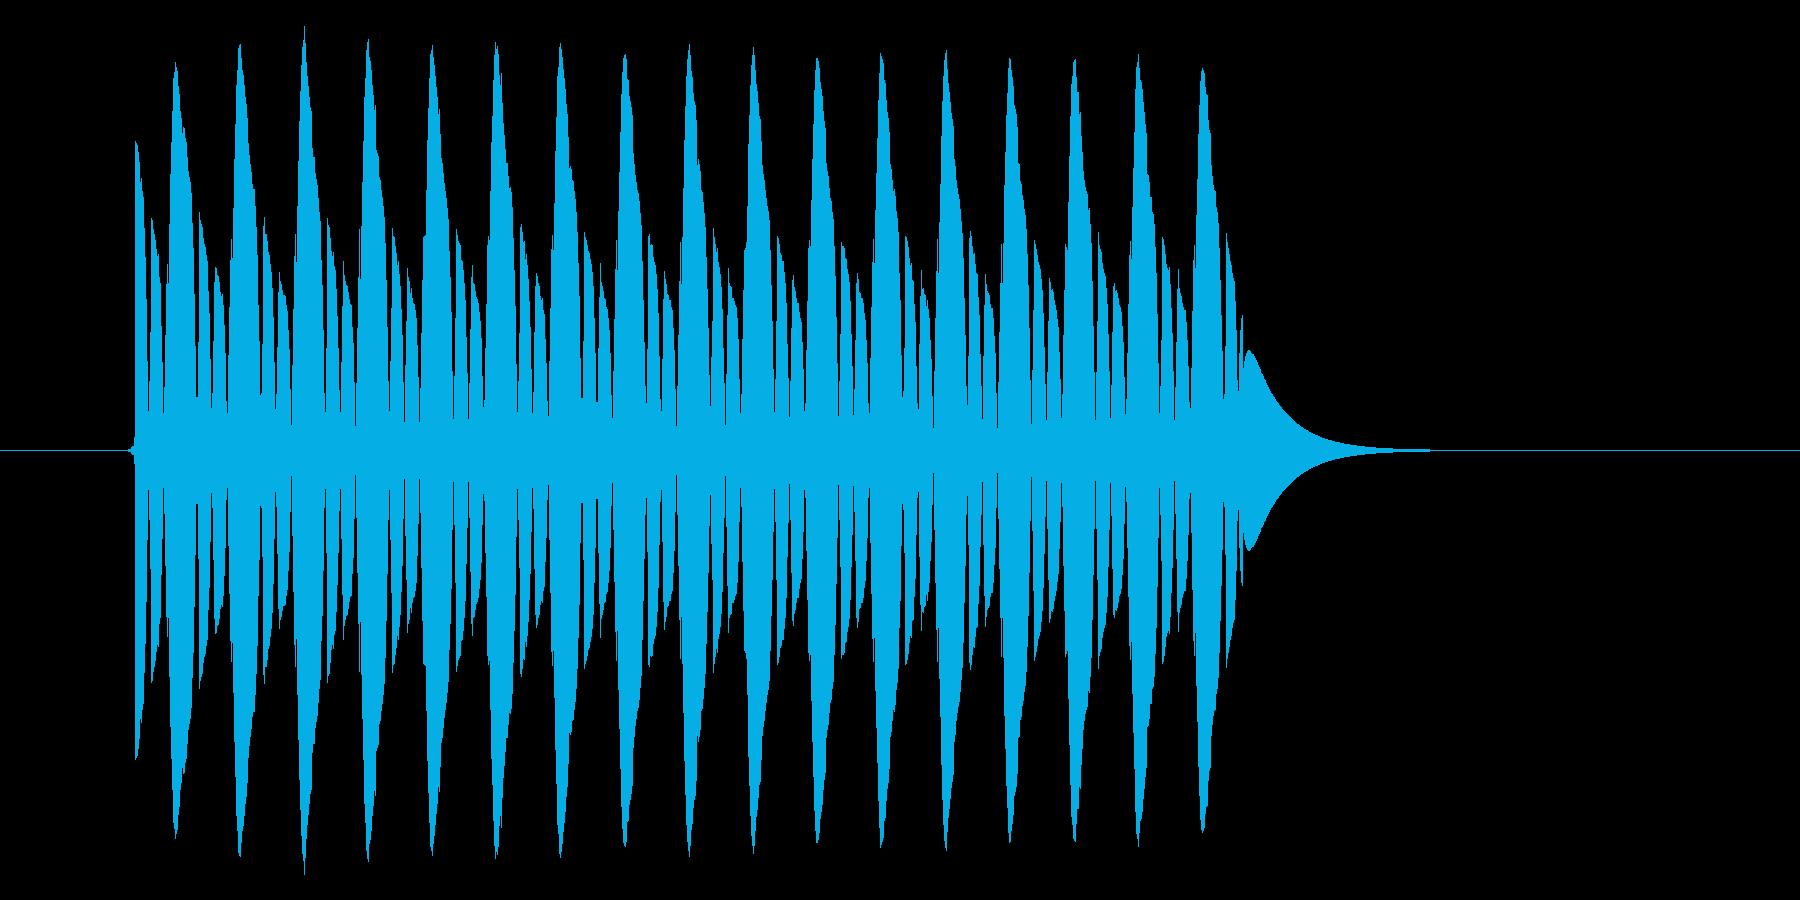 【効果音】クイズ系_はずれ02の再生済みの波形